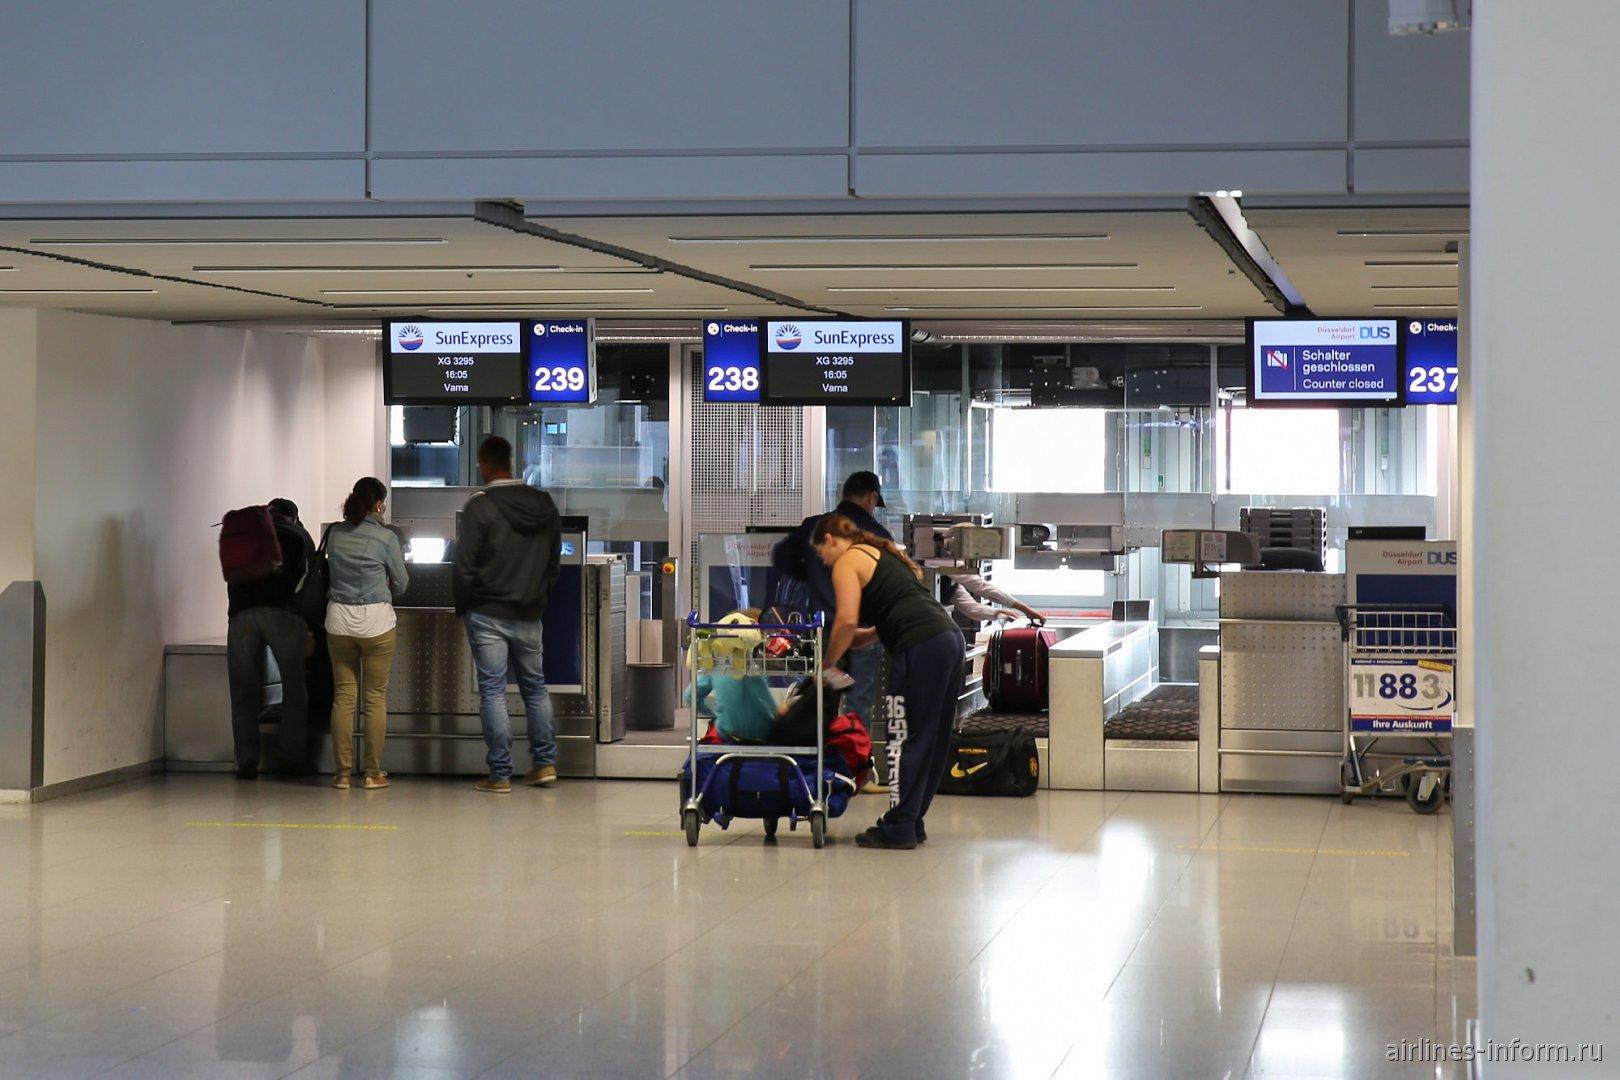 Стойки регистрации в аэропорту Дюссельдорфа